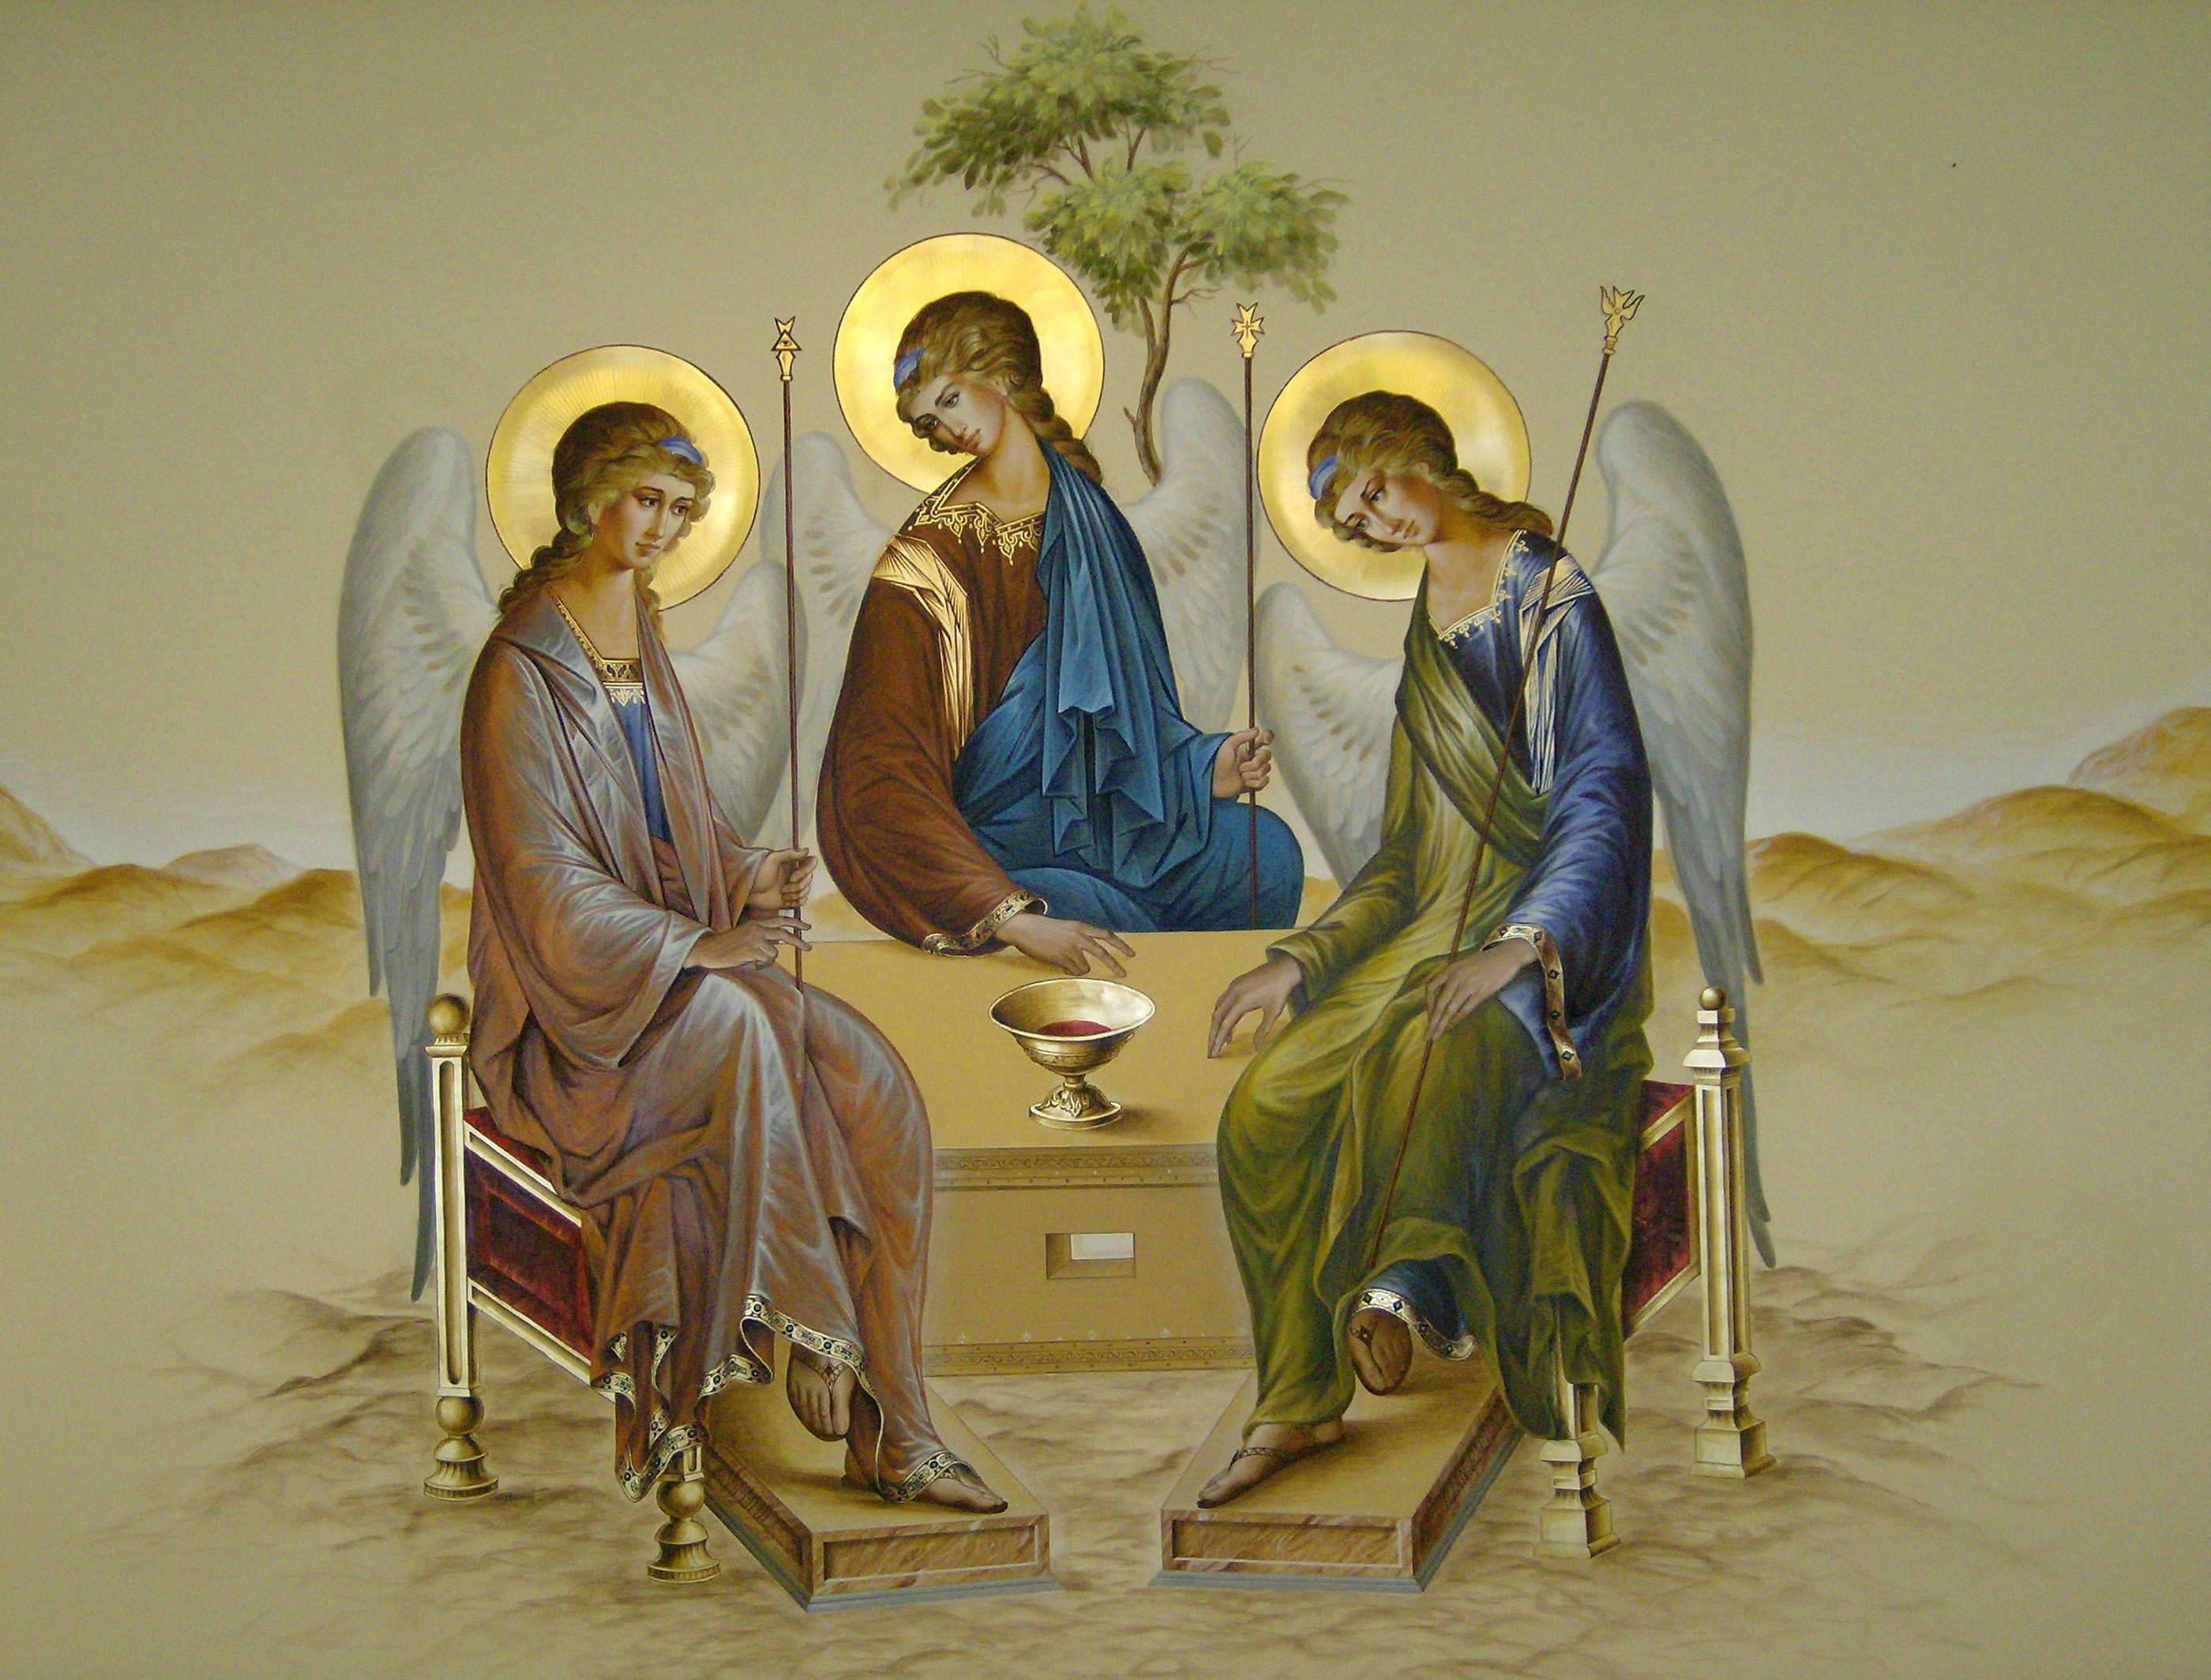 троица католическая картинки первой фотографии